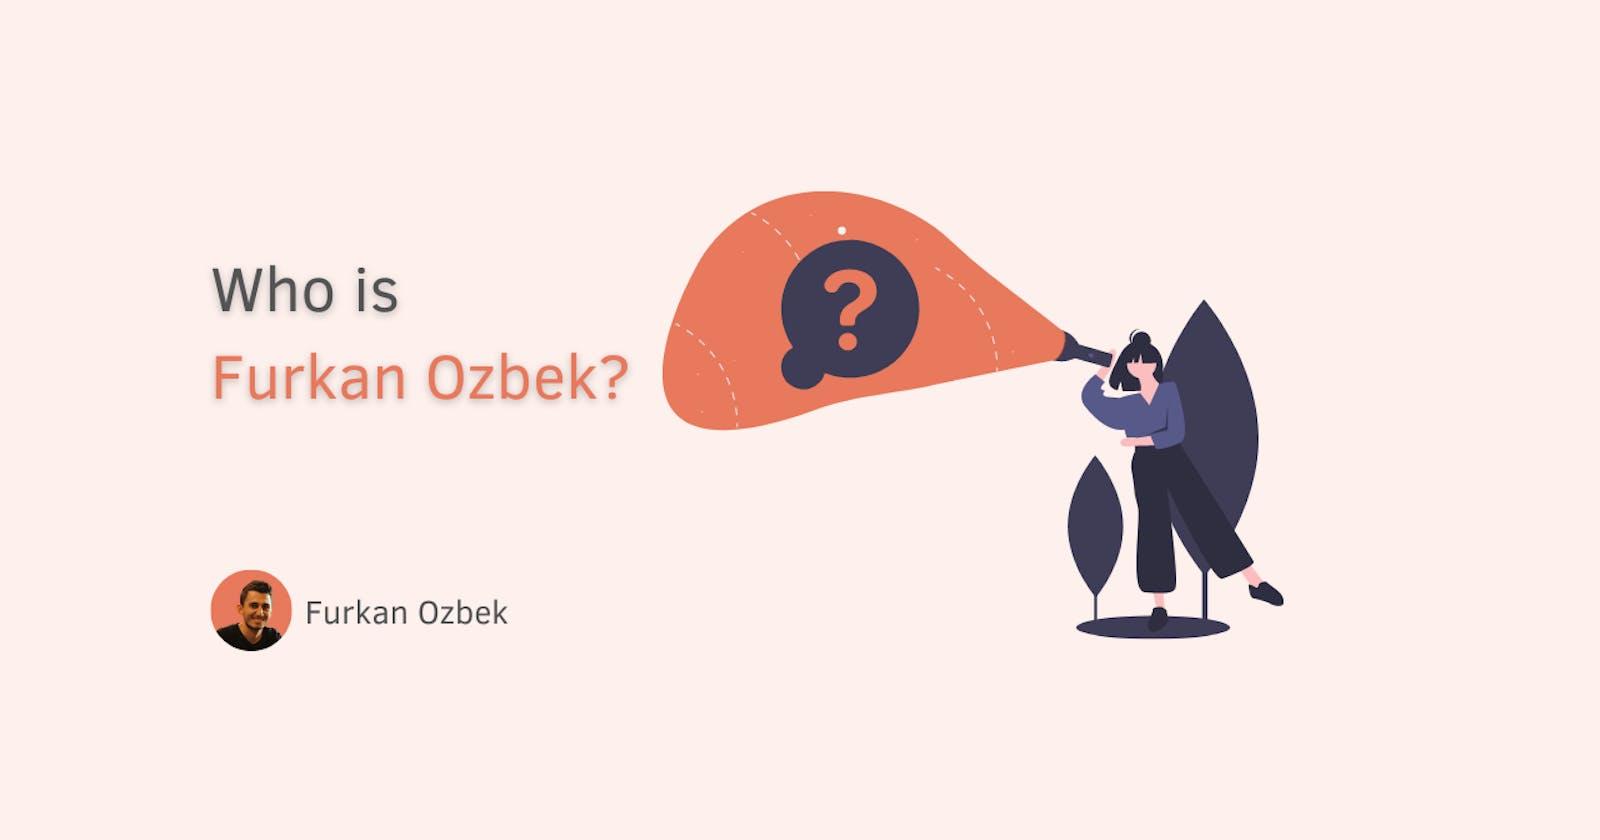 Who is Furkan Ozbek?